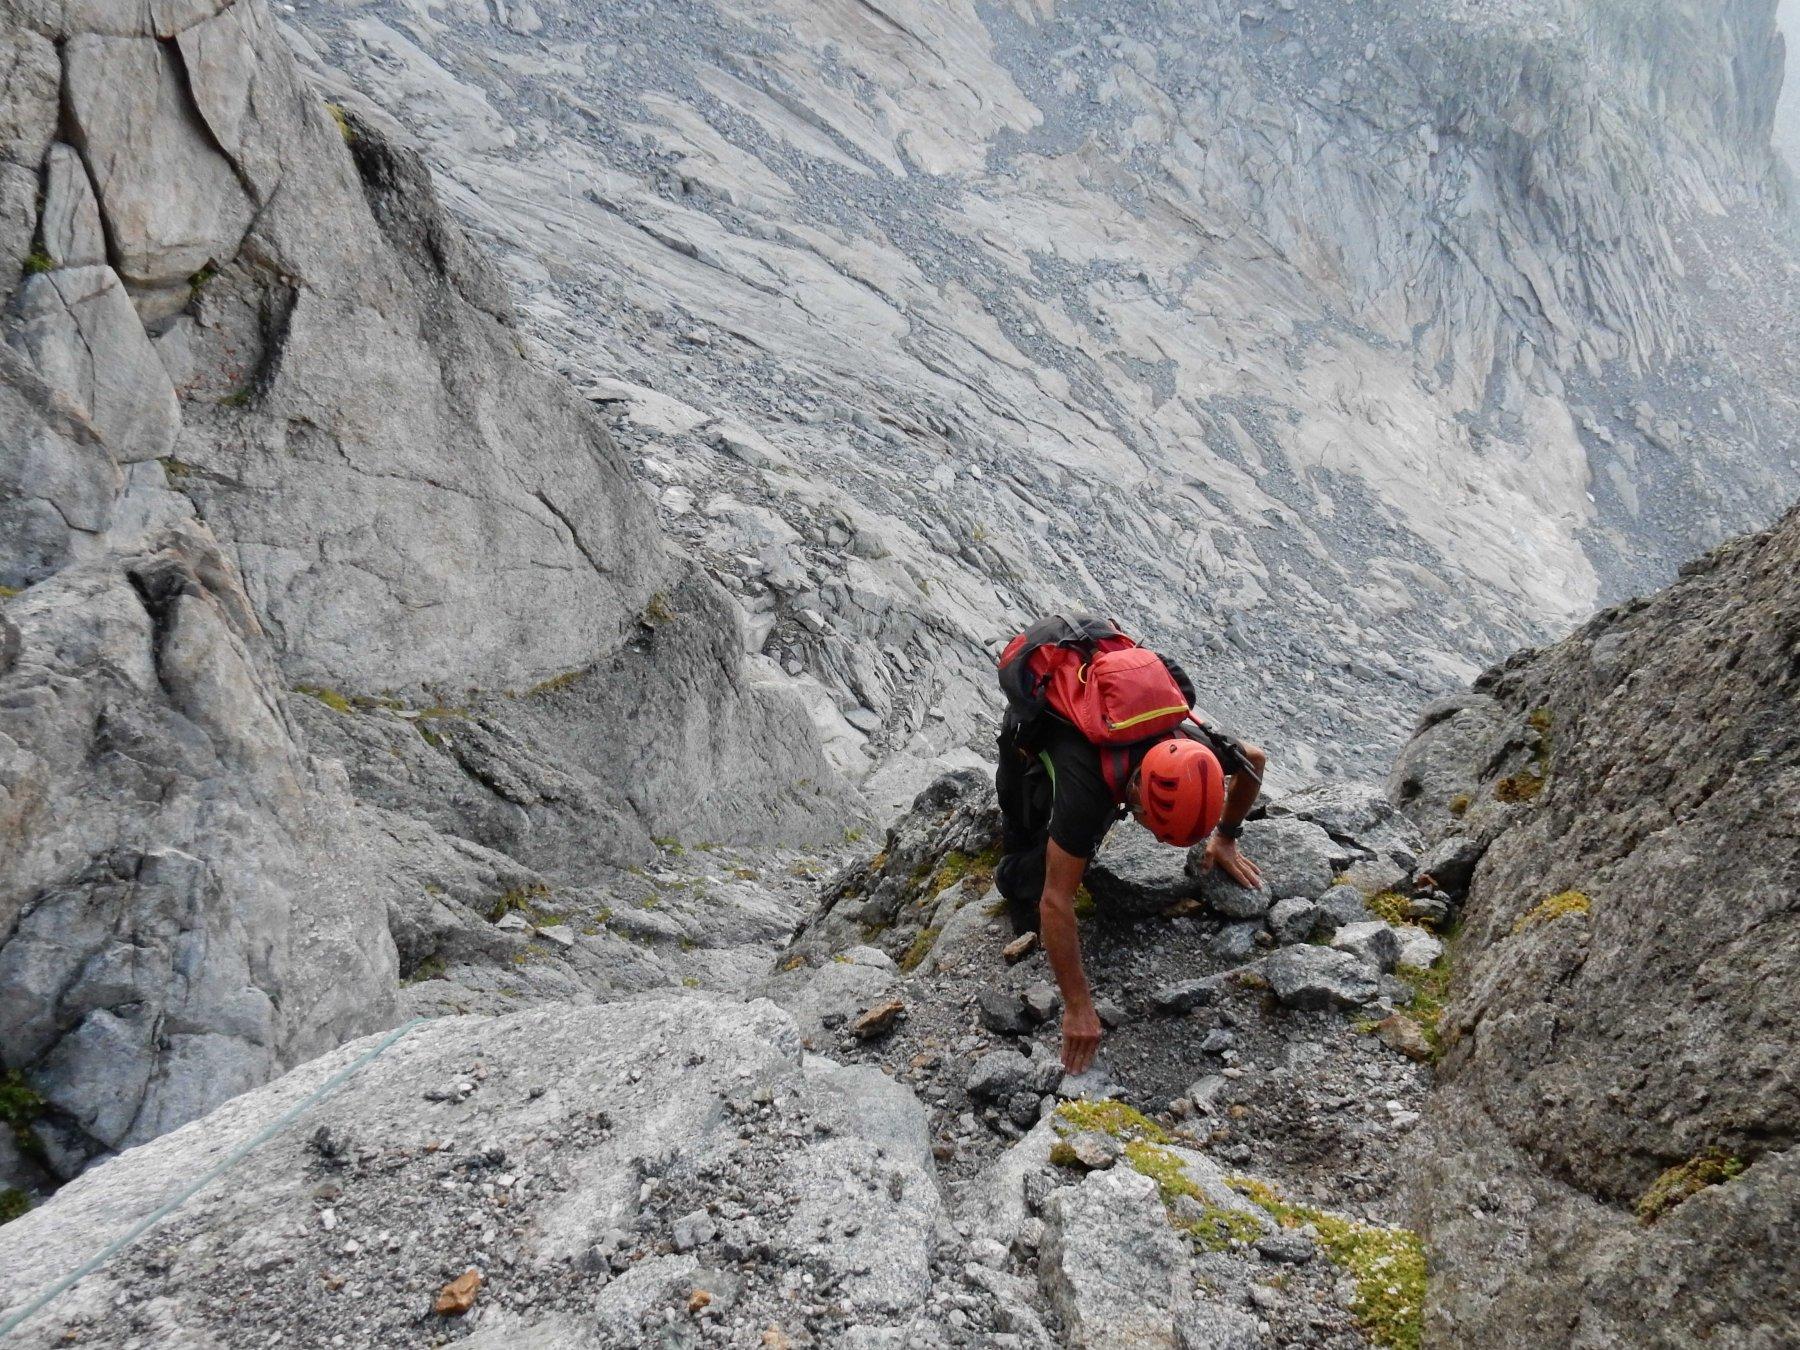 Salita  con attenzione nel canalino attrezzato con corda dove troviamo le rocce un po' bagnate.